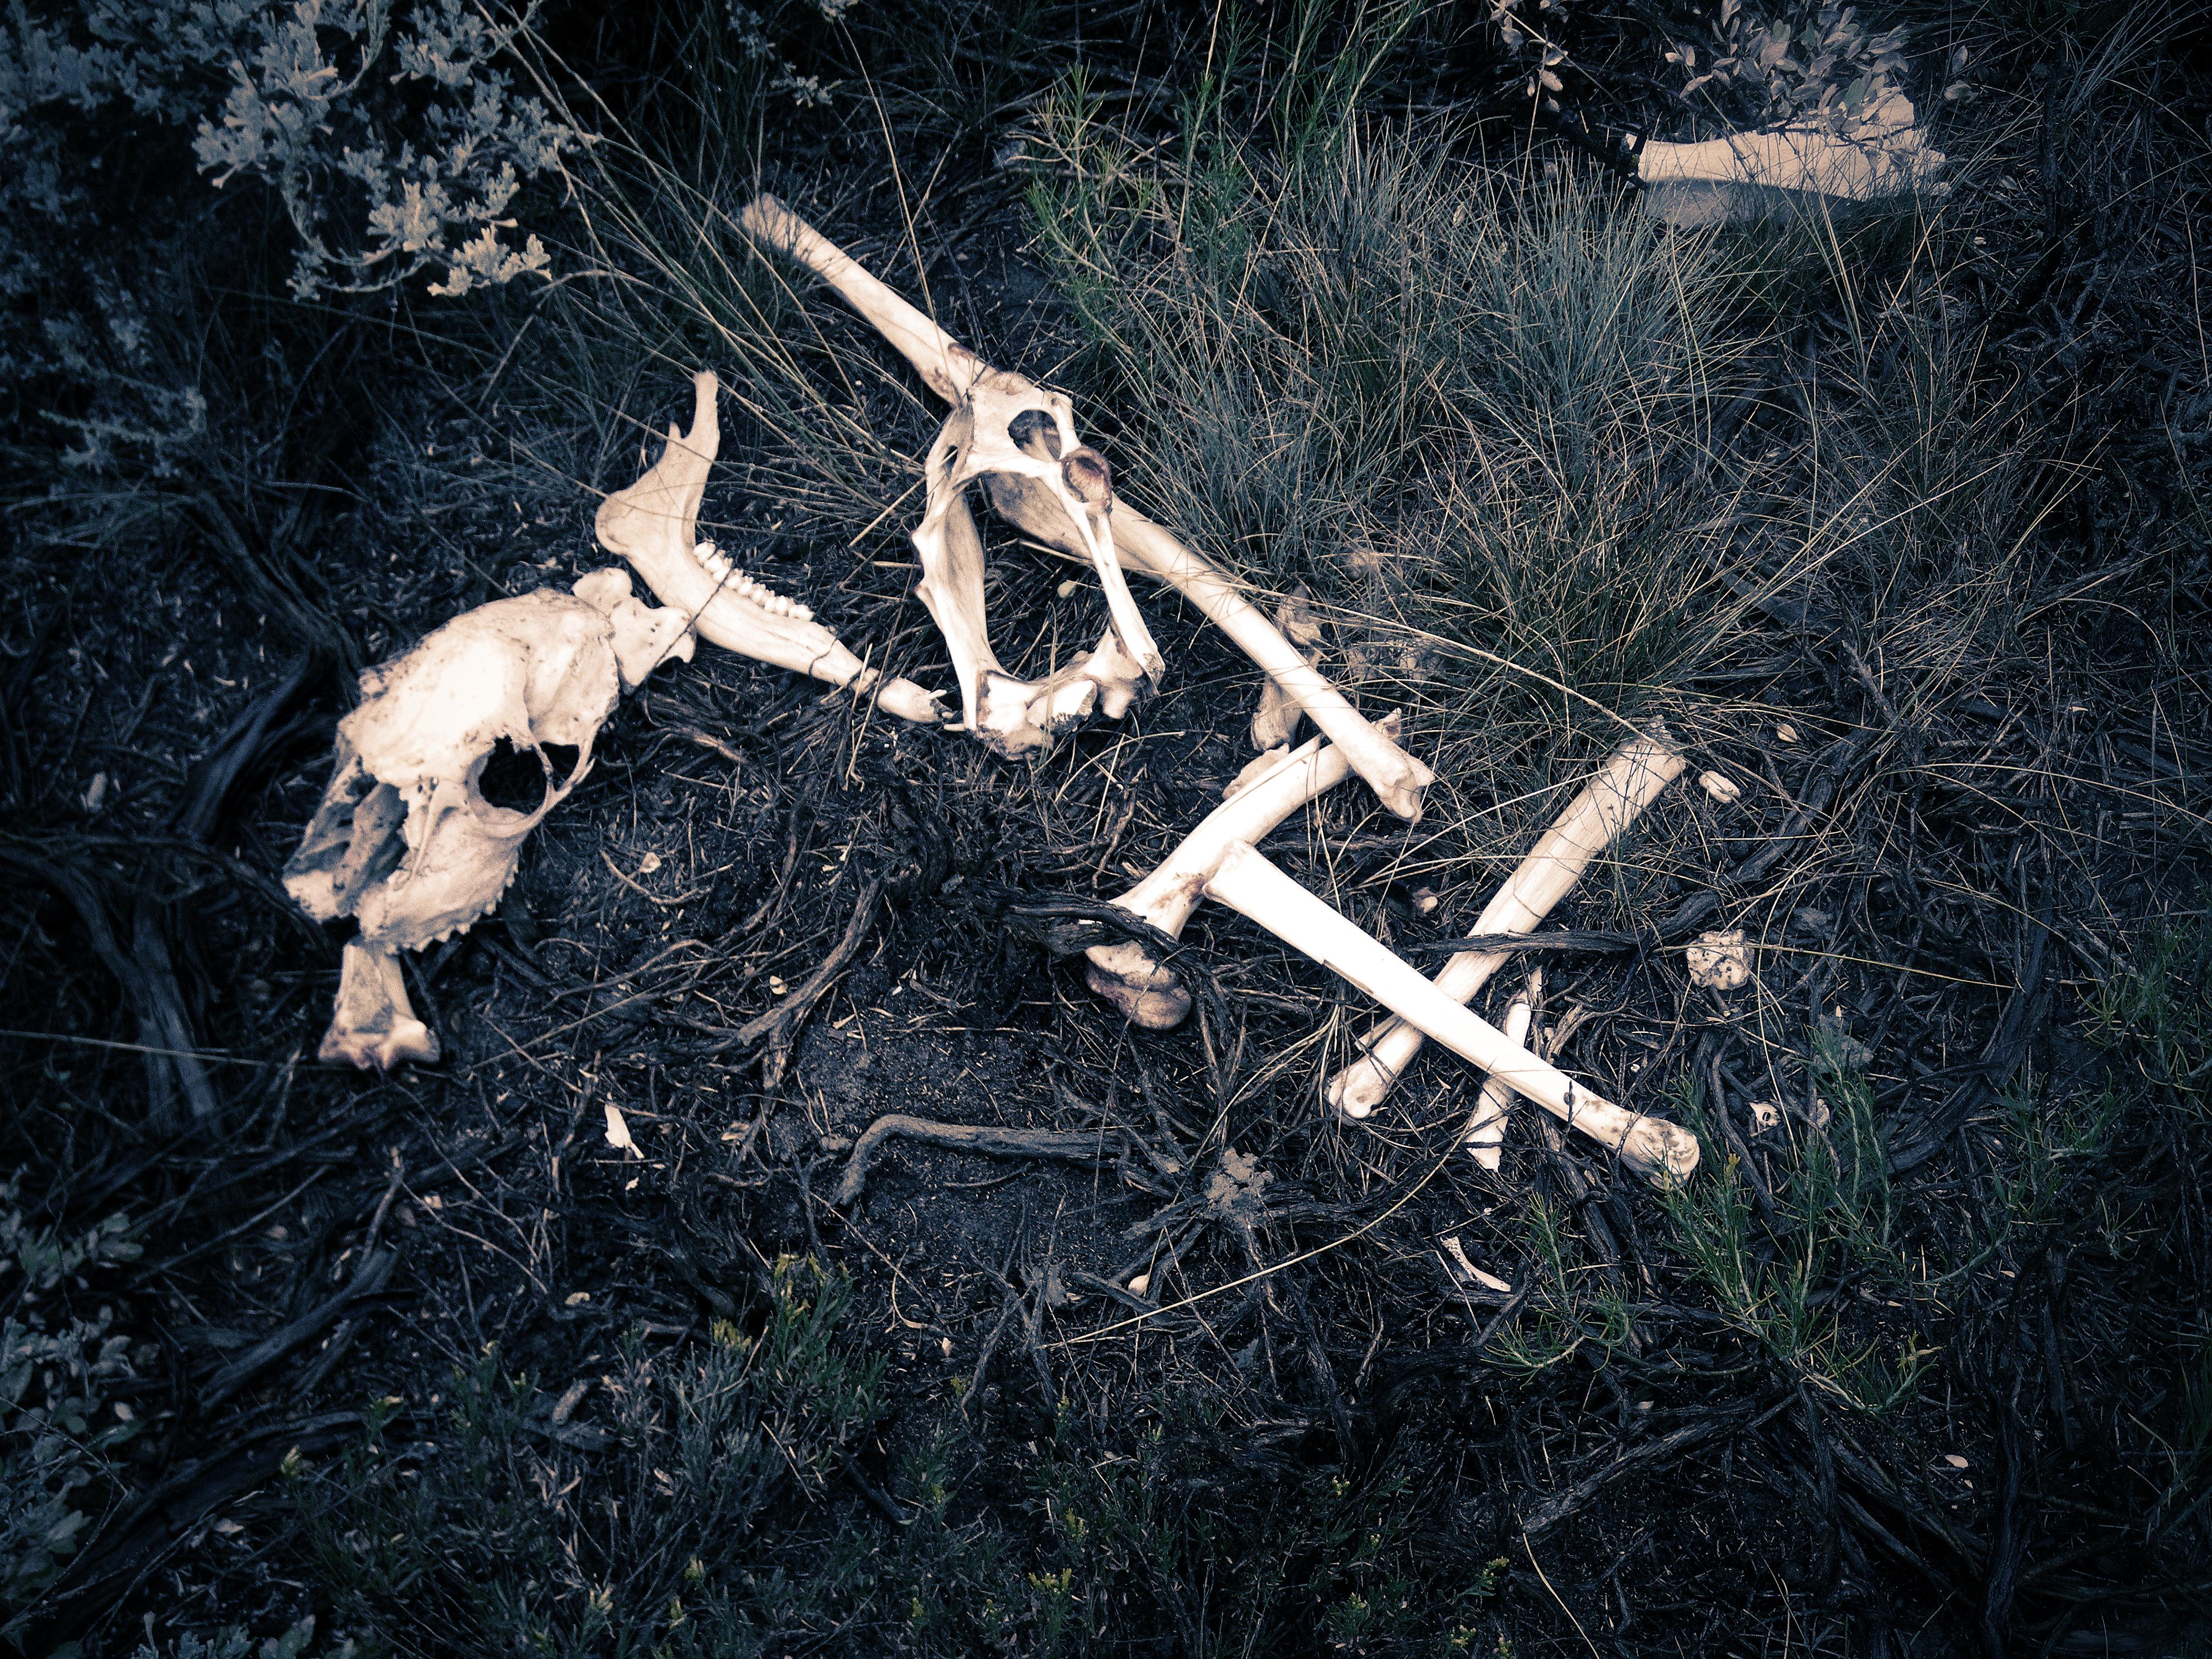 Dry Bones by UniqSchweick12